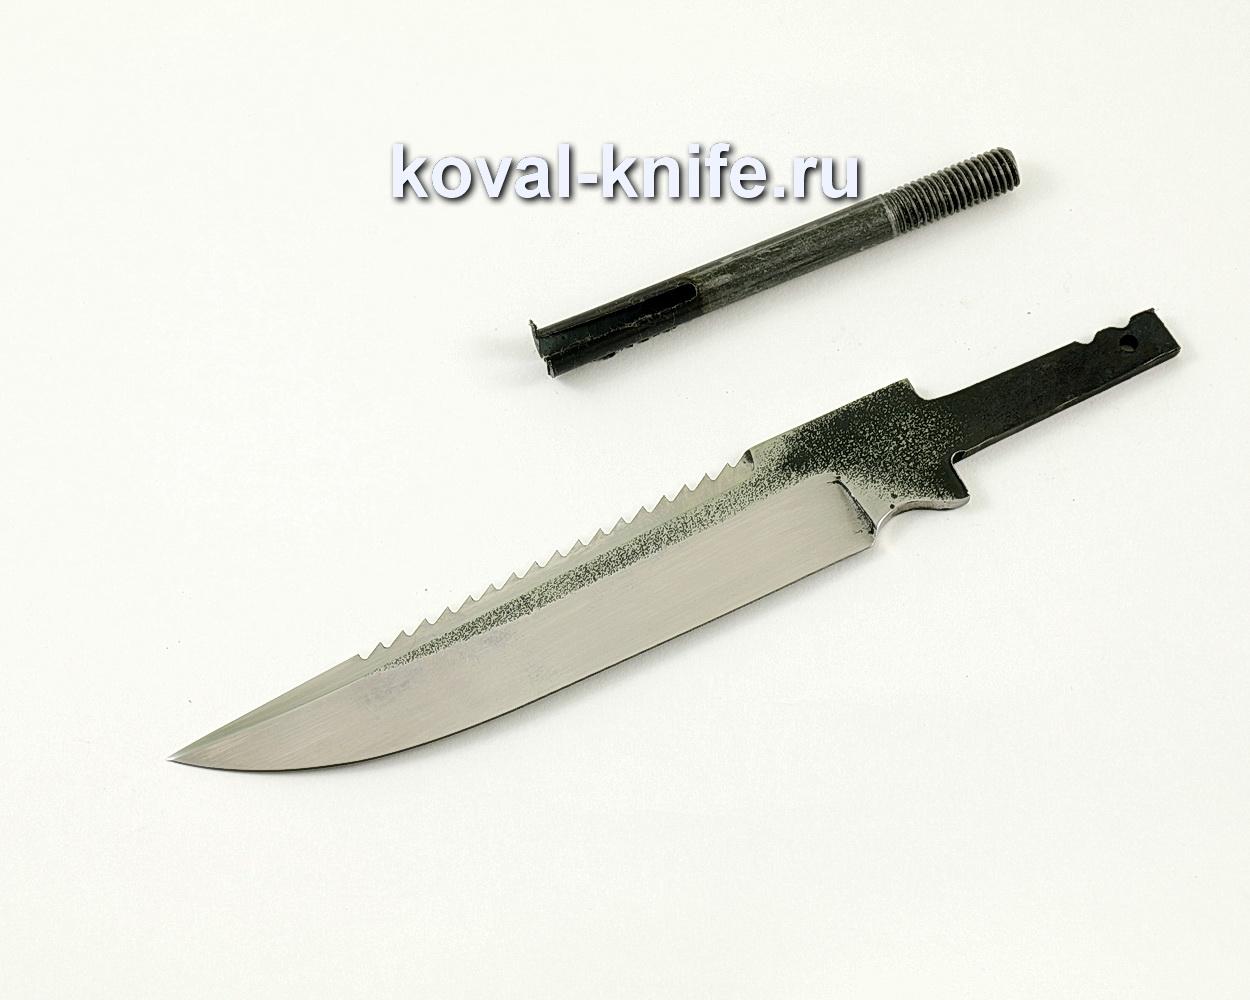 Клинок для ножа Рыбак (кованая сталь 110Х18)